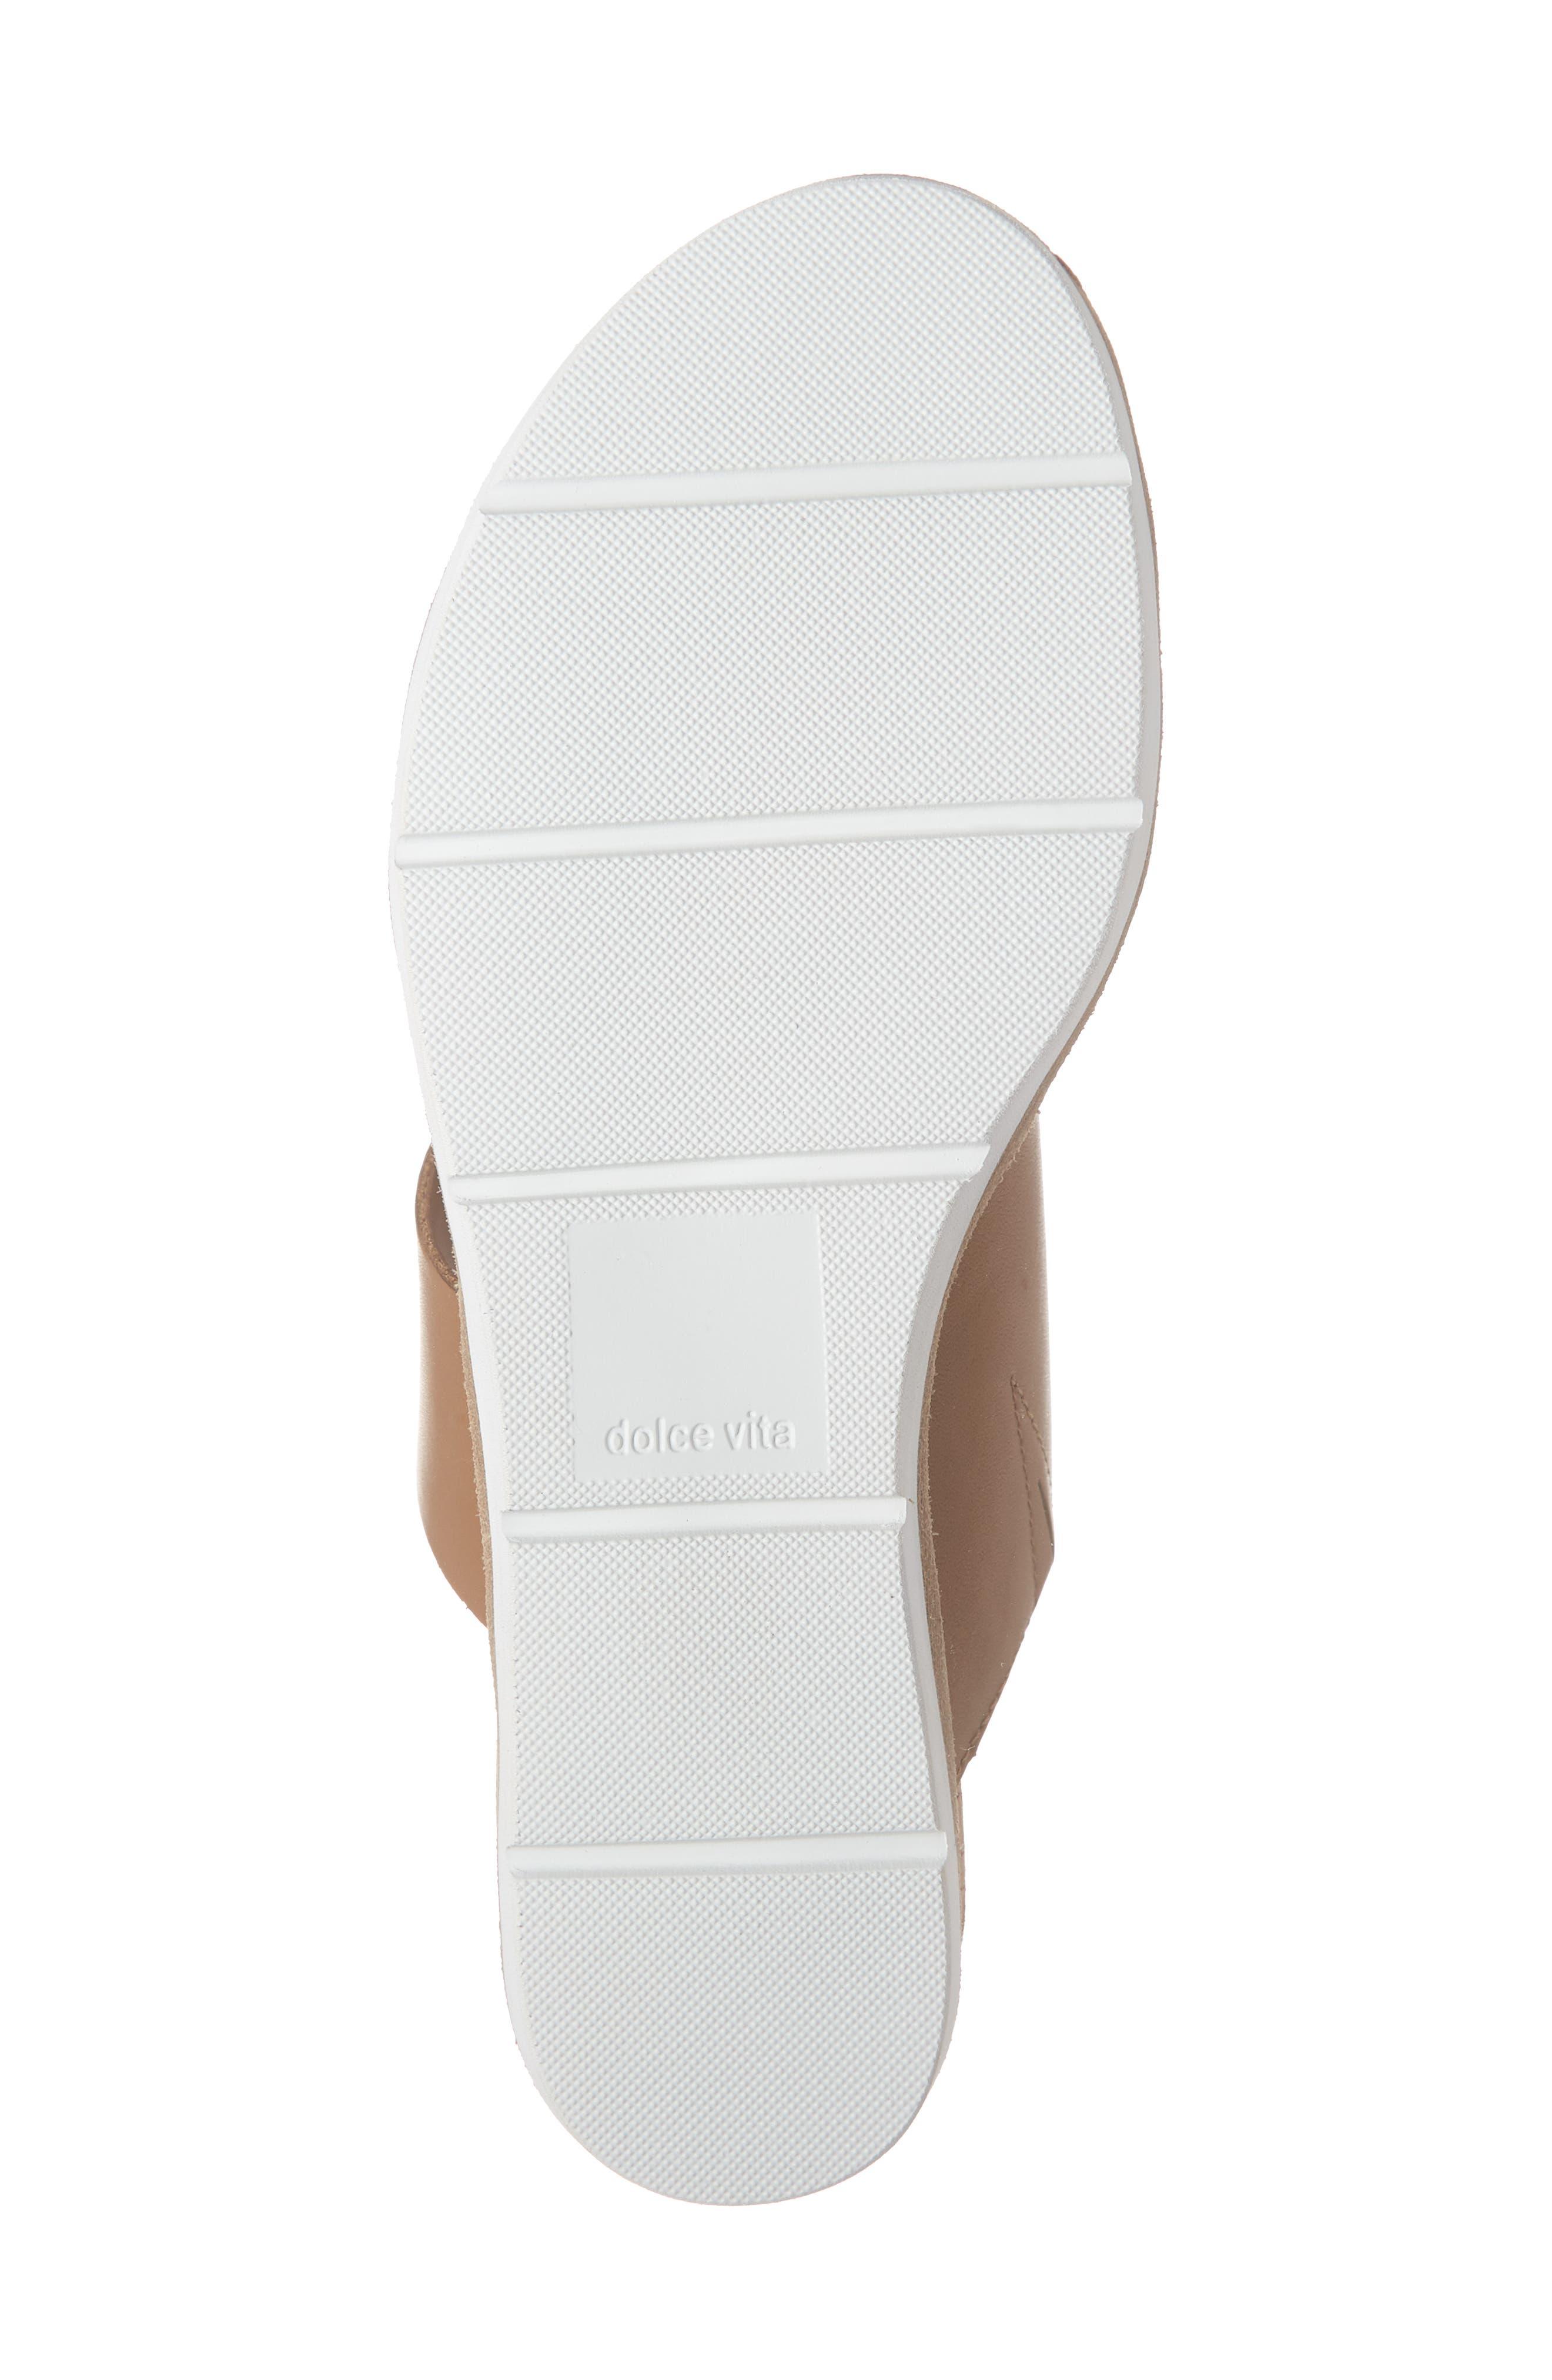 DOLCE VITA, Vala Wedge Slide Sandal, Alternate thumbnail 6, color, LEOPARD CALF HAIR